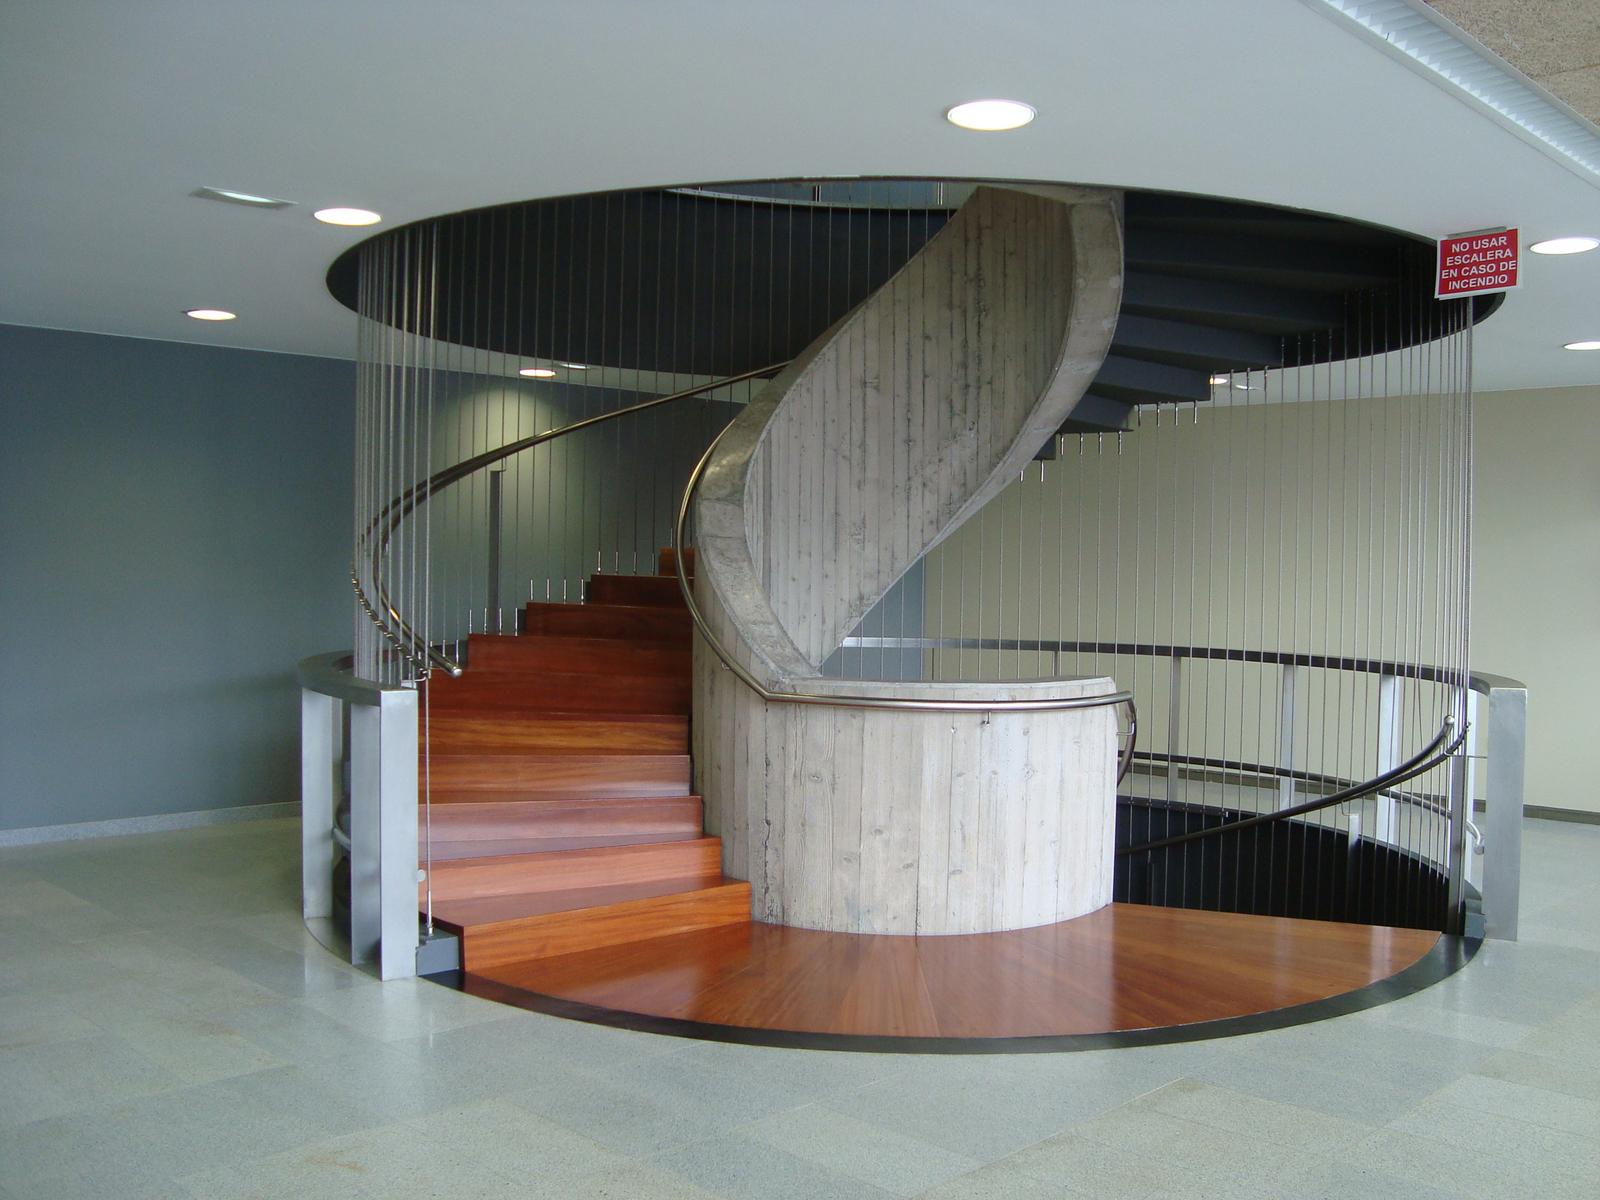 Escalera interior con suelo de madera y estructura de hormigón